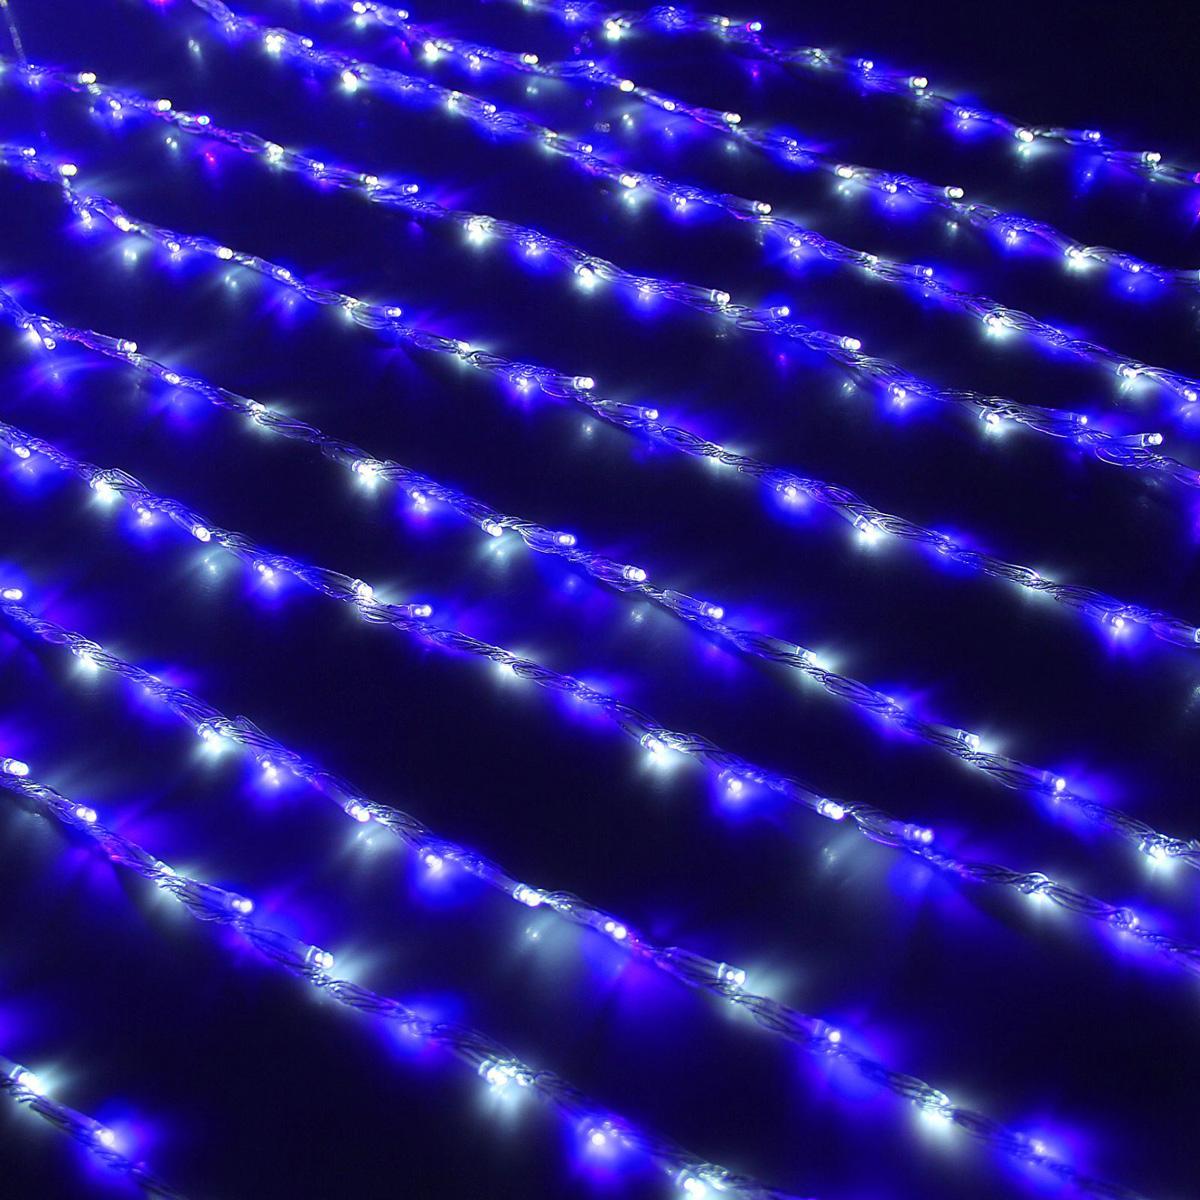 Гирлянда светодиодная Luazon Дождь, уличная, 8 режимов, 800 ламп, 220 V, цвет: белый, синий, 2 х 3 м. 10801881080188Светодиодные гирлянды, ленты и т.д — это отличный вариант для новогоднего оформления интерьера или фасада. С их помощью помещение любого размера можно превратить в праздничный зал, а внешние элементы зданий, украшенные ими, мгновенно станут напоминать очертания сказочного дворца. Такие украшения создают ауру предвкушения чуда. Деревья, фасады, витрины, окна и арки будто специально созданы, чтобы вы украсили их светящимися нитями.